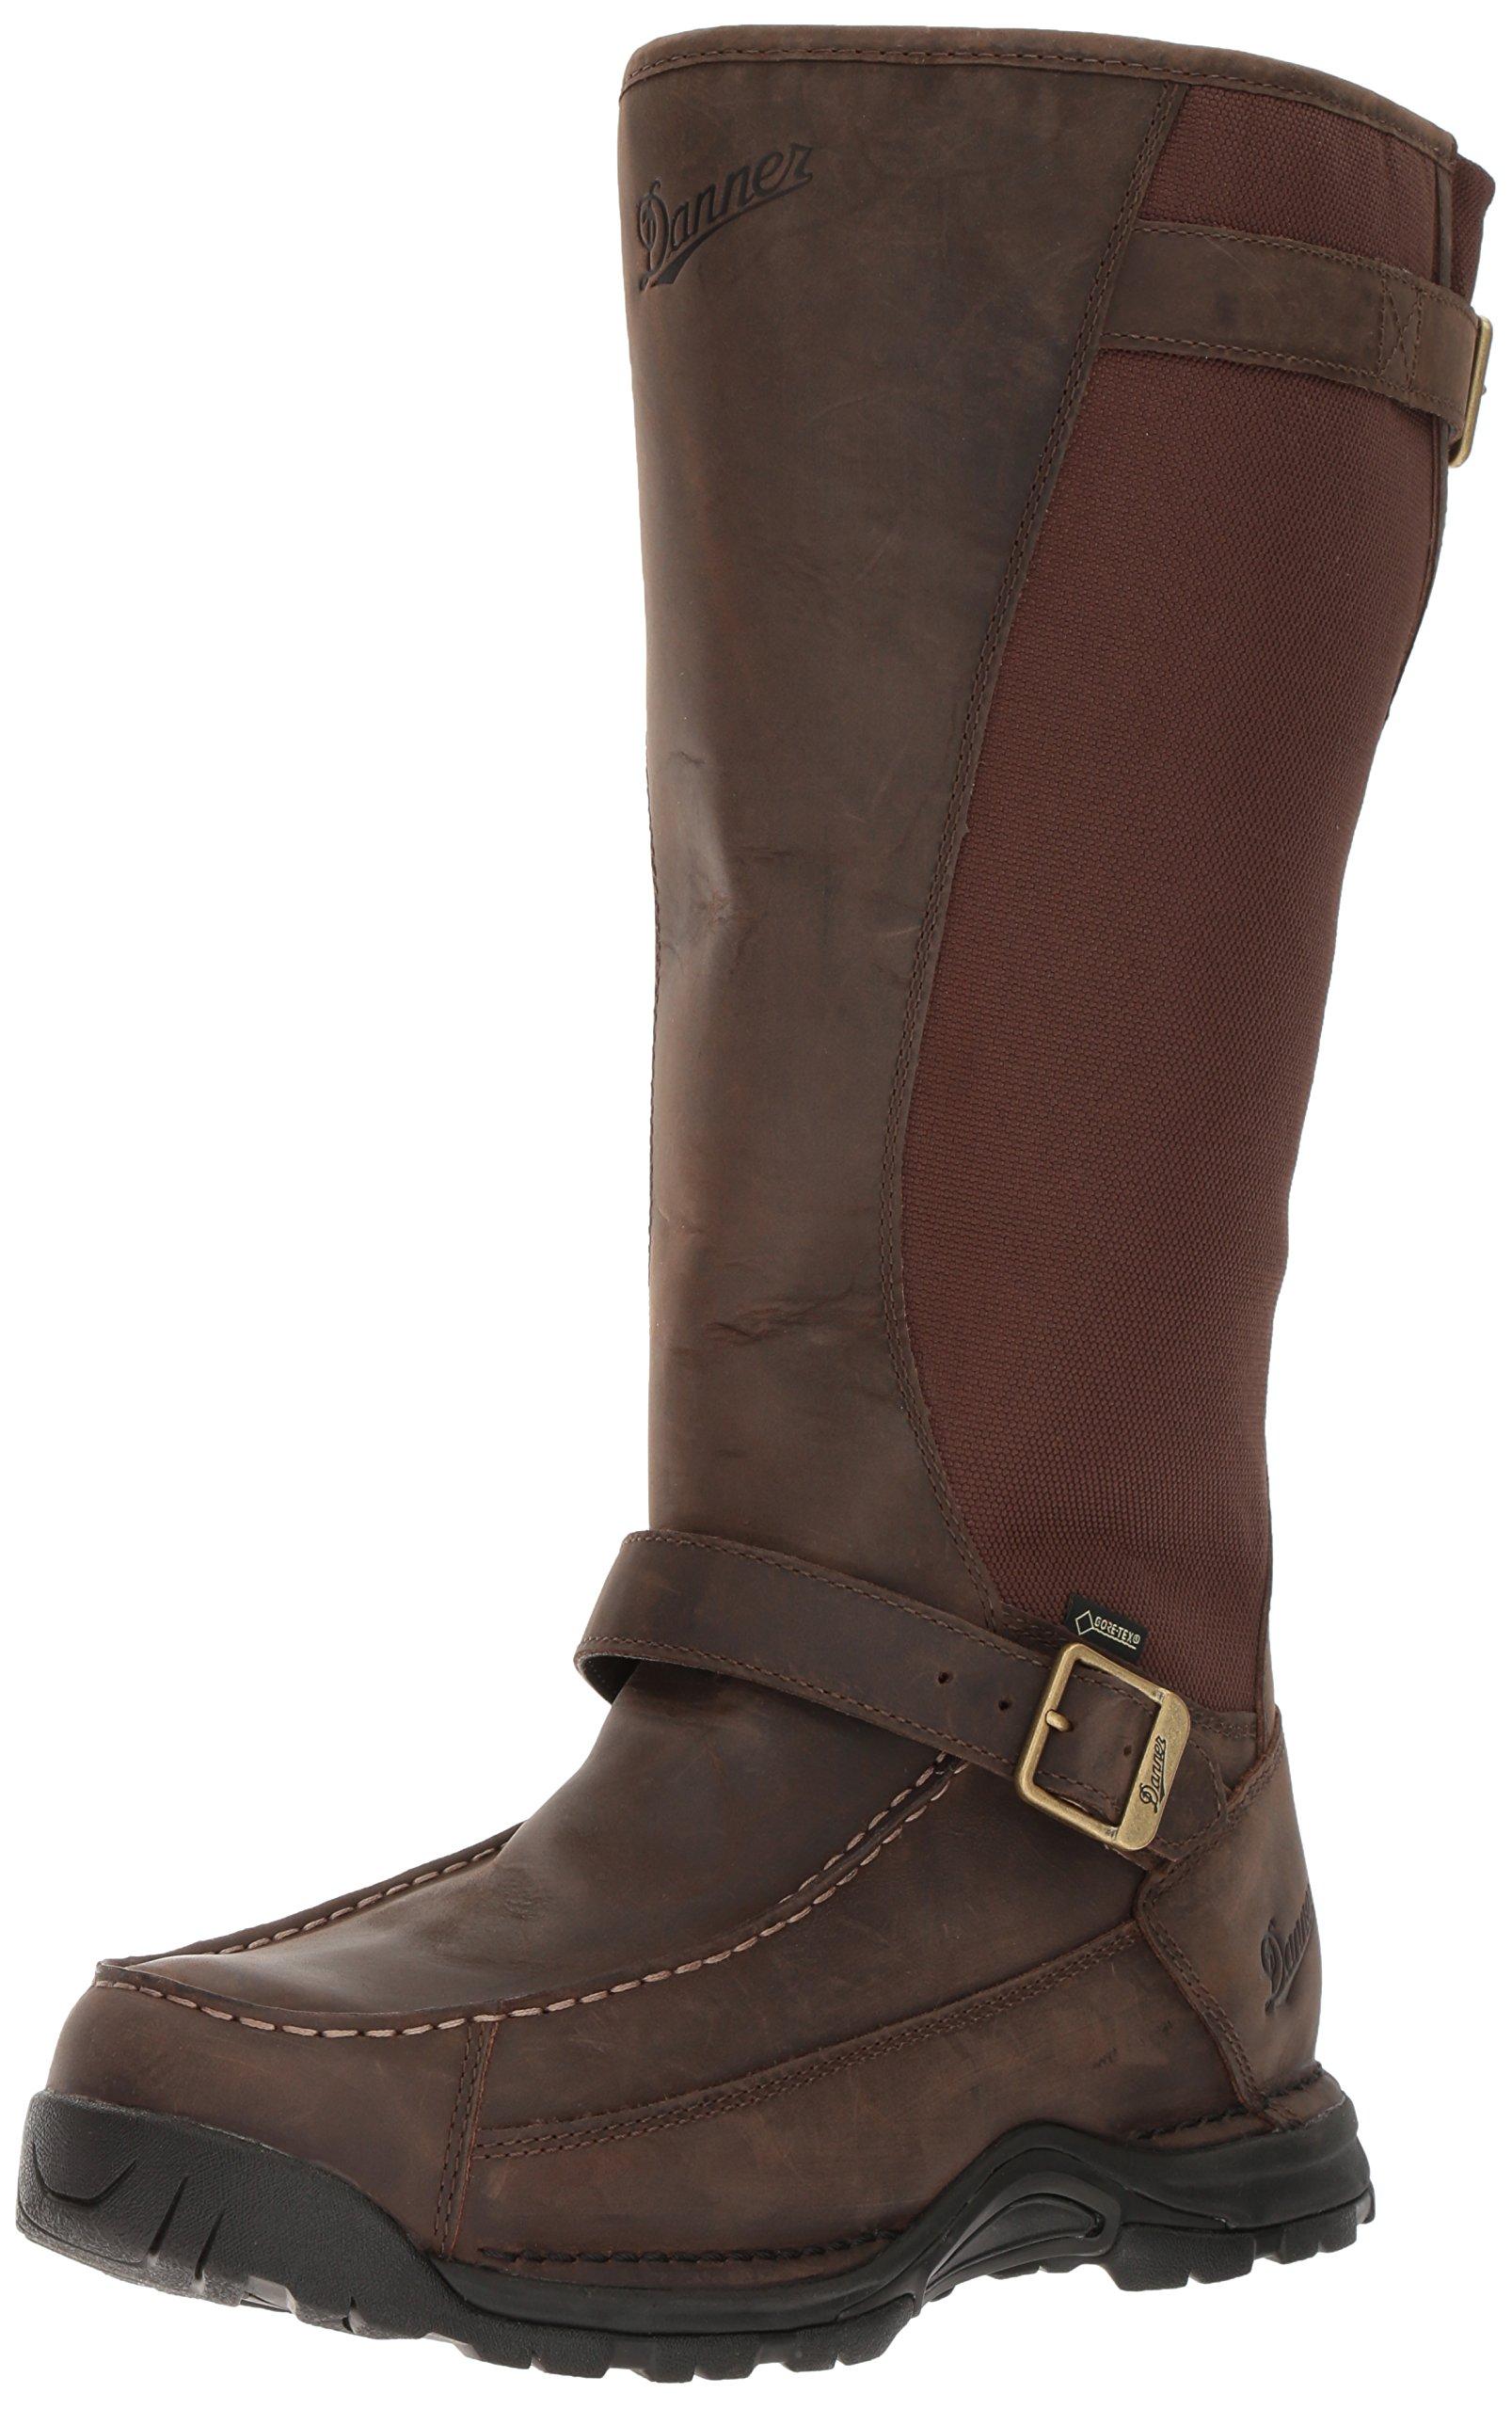 Danner Men's Sharptail Snake Boot 17 Inch Dark Brown Hunting Boot , 8.5 2E US